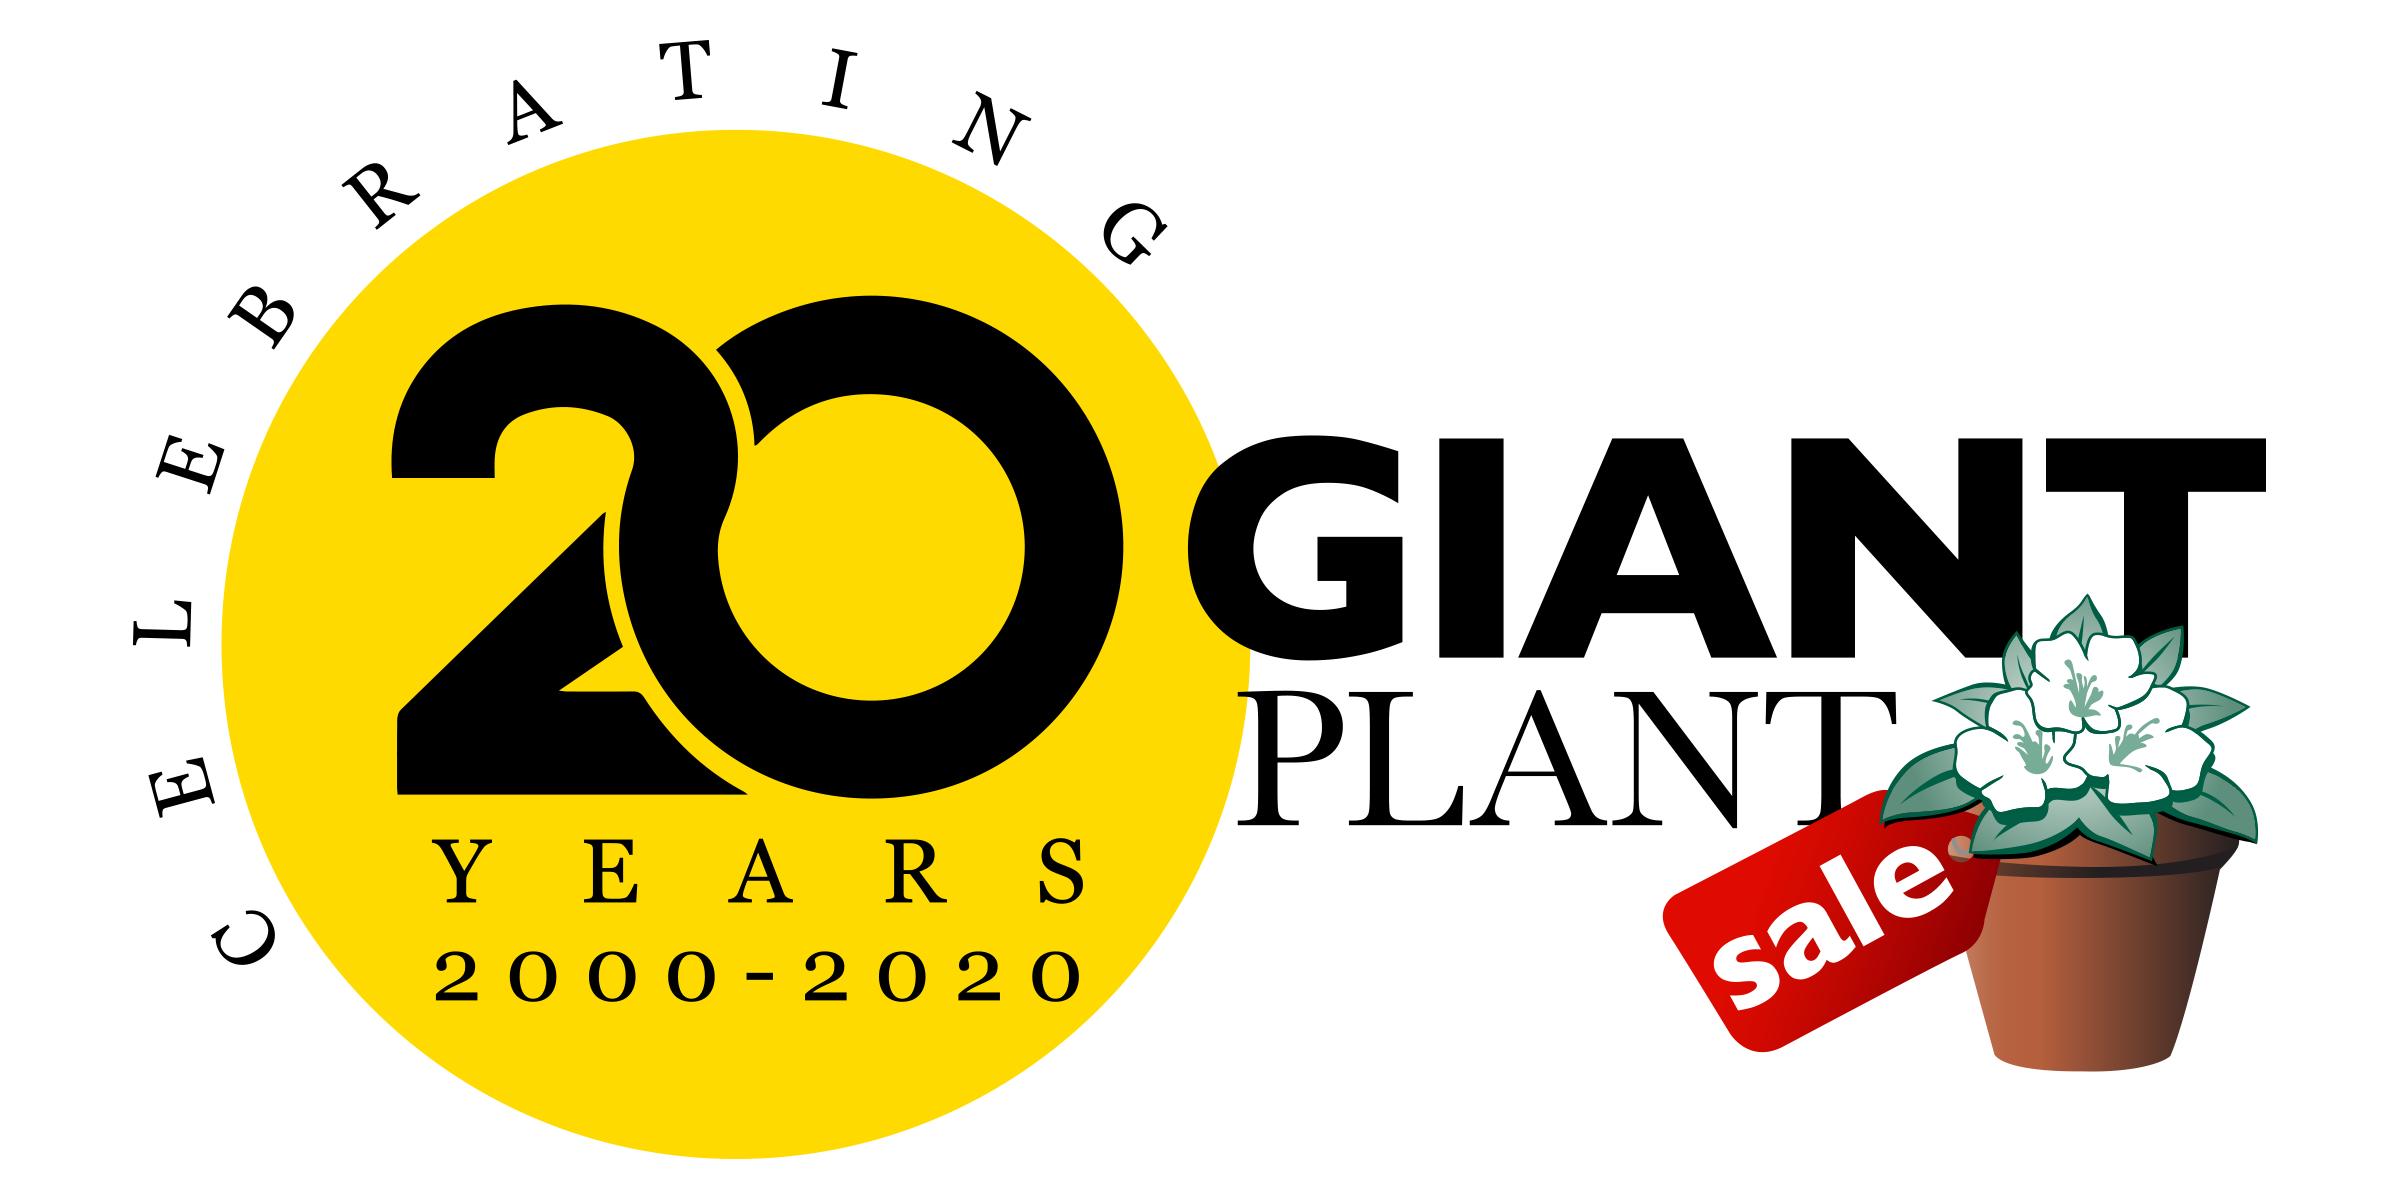 Giant Plant Sale